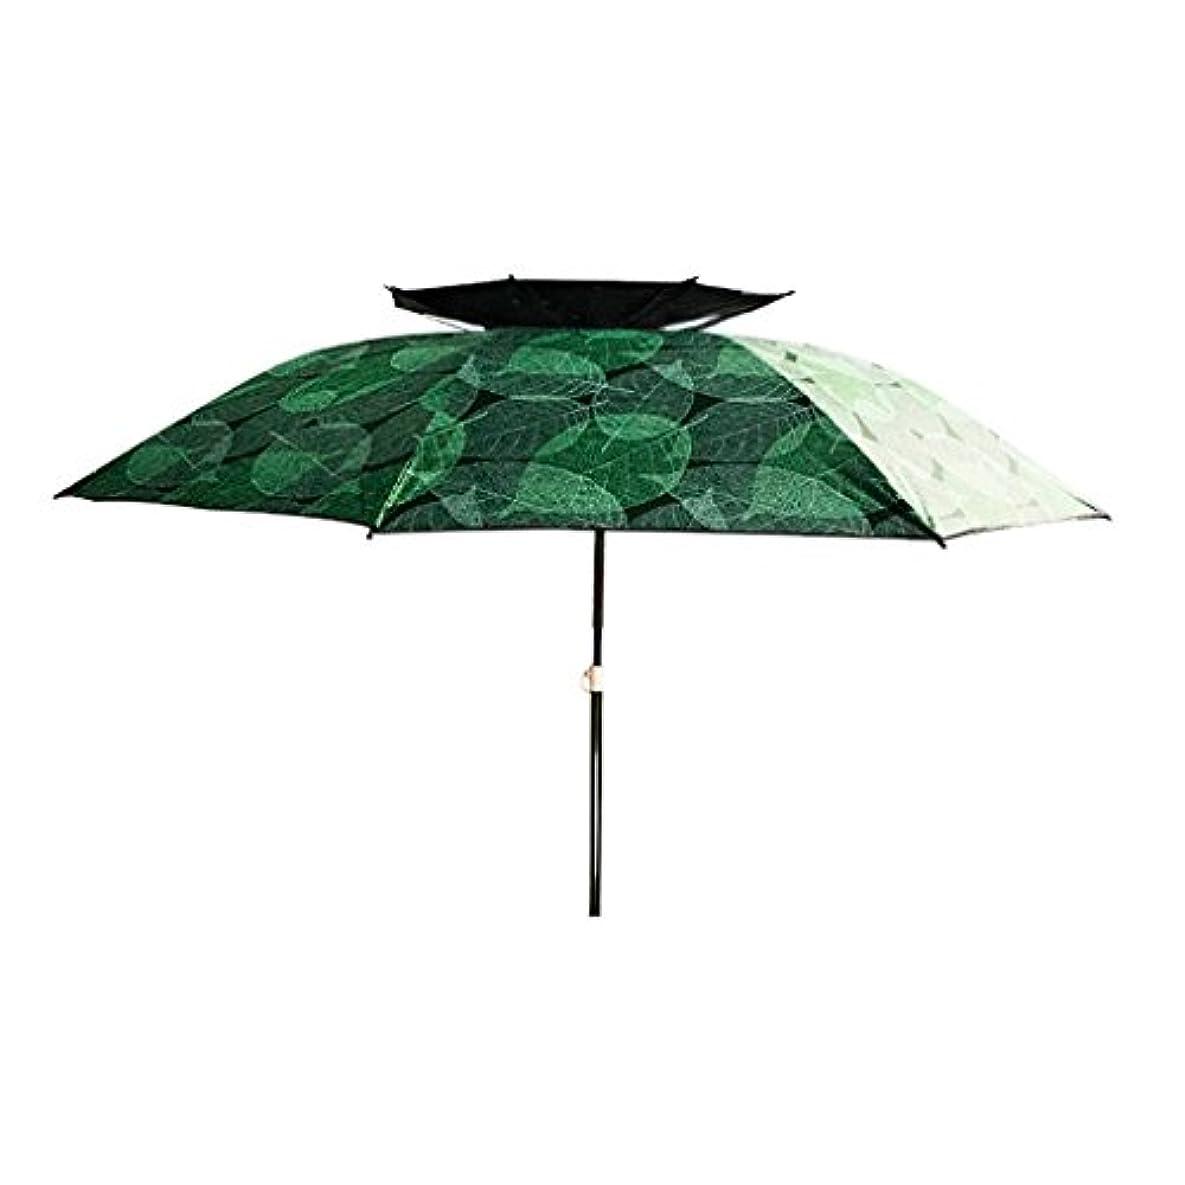 製品スイング木曜日LSS 屋外アンブレラ|釣り傘|傘| 2.2/2.4メートル|ダブル|ユニバーサル|崩壊|レインコート|サンスクリーン| UVプロテクション|アウトドアフィッシングタックル (色 : B, サイズ さいず : 240cm)